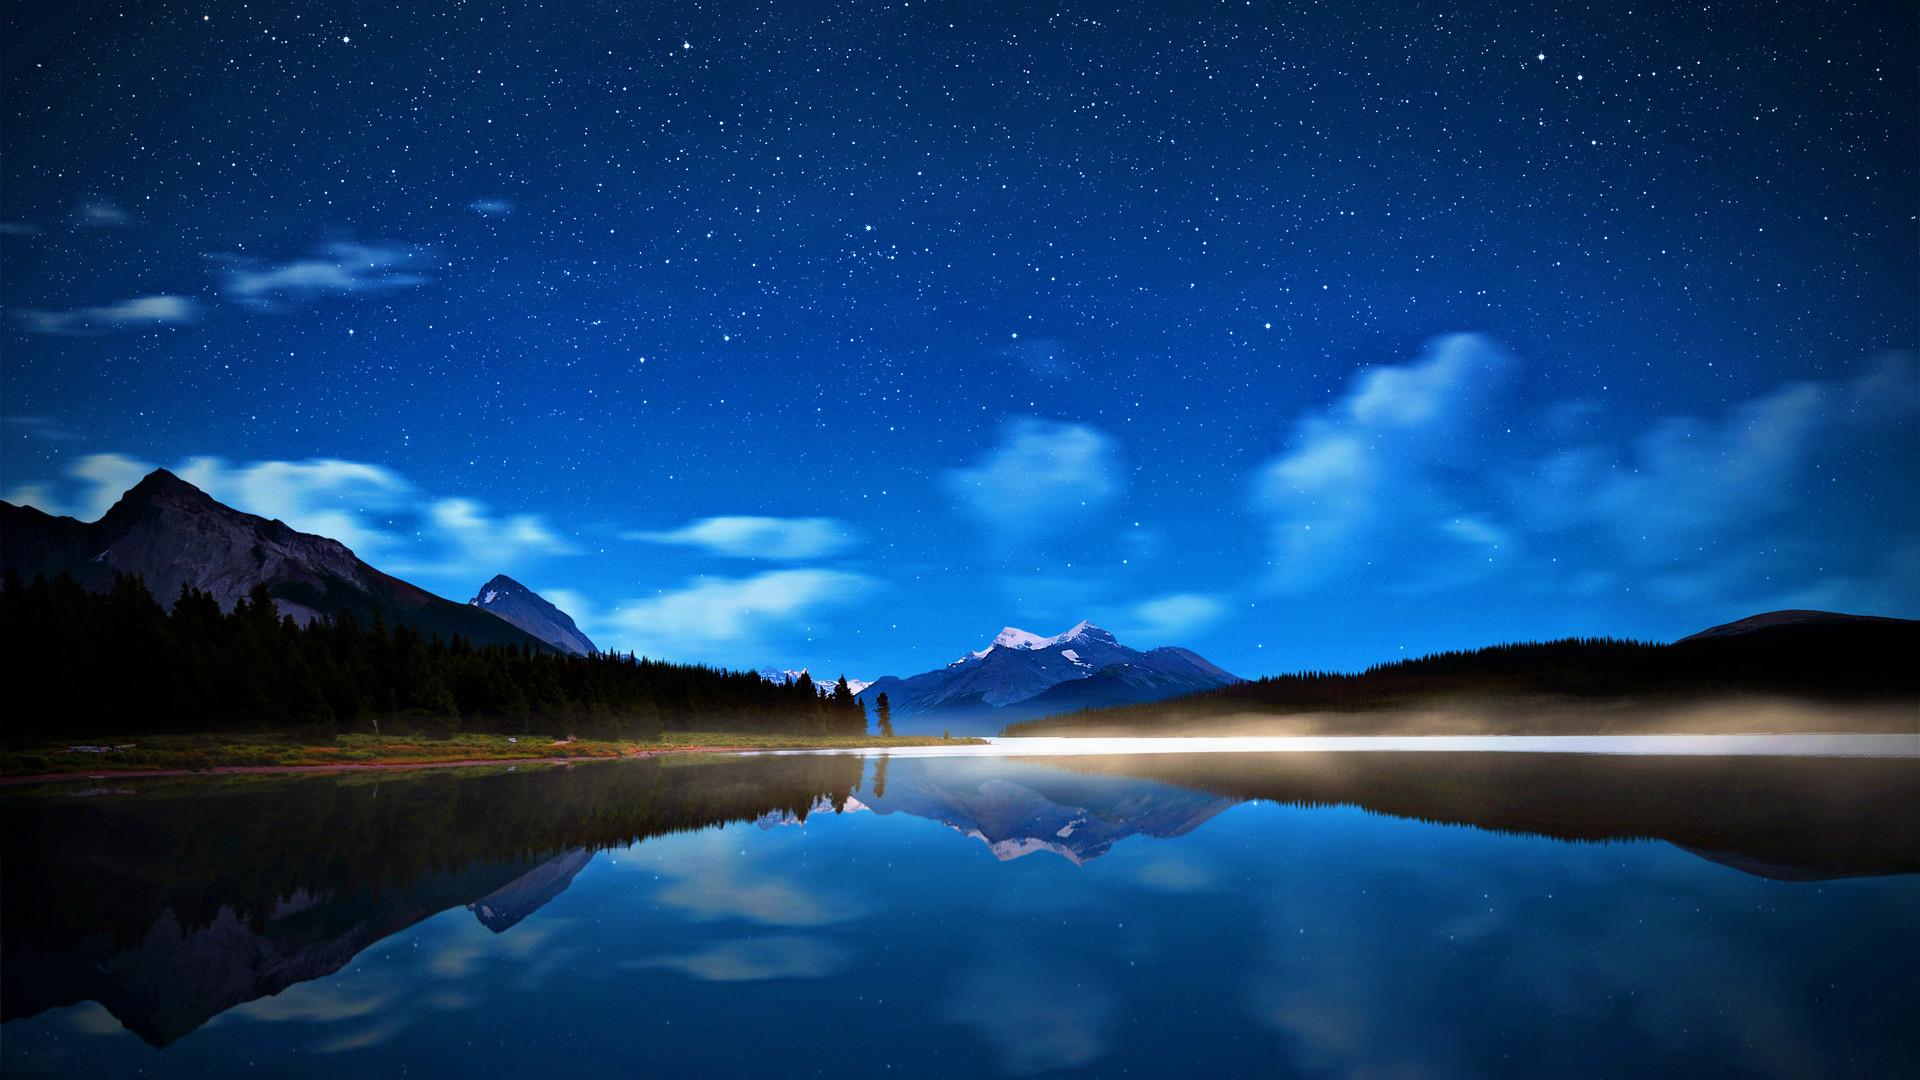 Beautiful Night Sky Wallpaper 46263